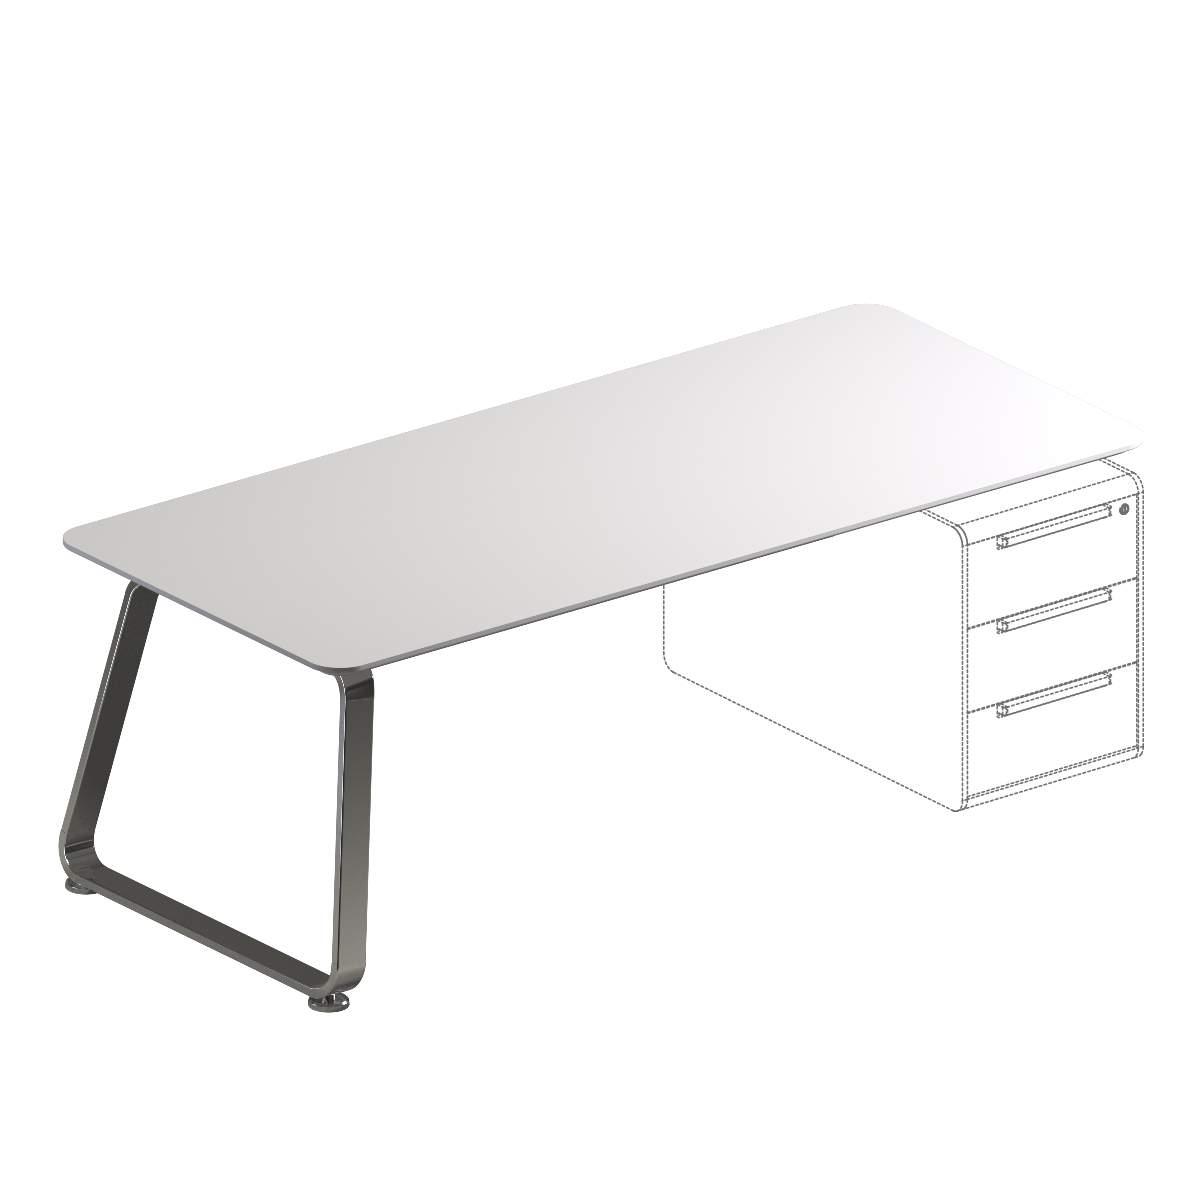 Прямоугольный стол на 1 опоре 1980x900x720